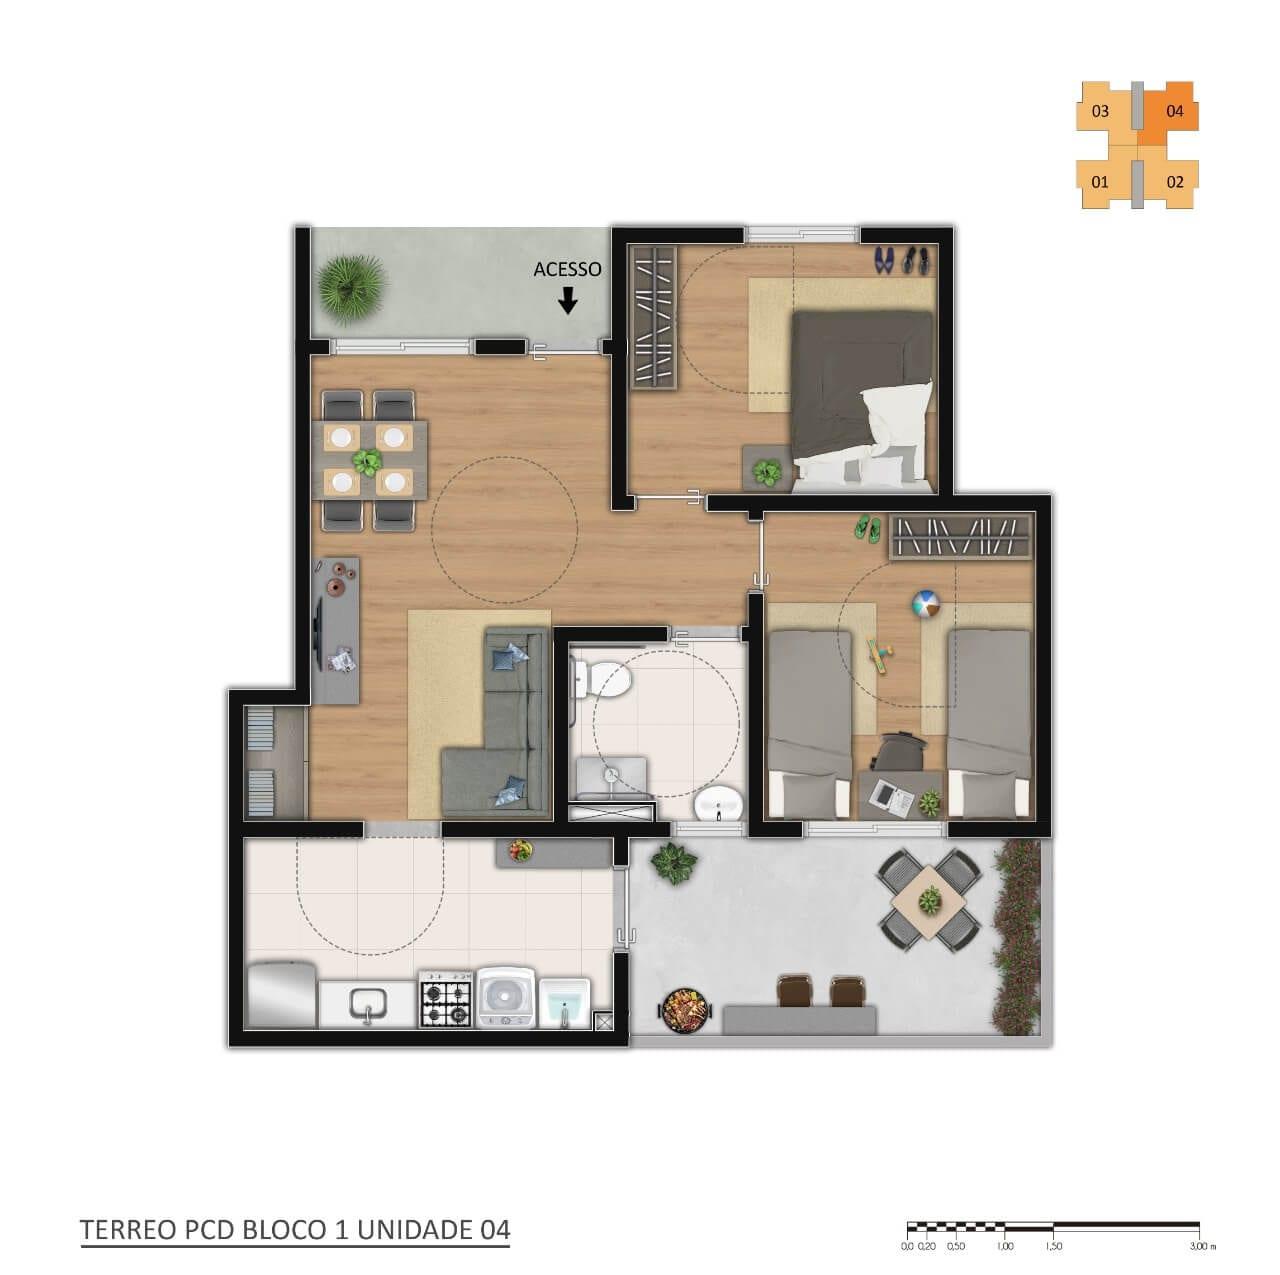 vic-engenharia-villa-vic-bilbao-apartamento-terreo-pne-bloco-1-e-2